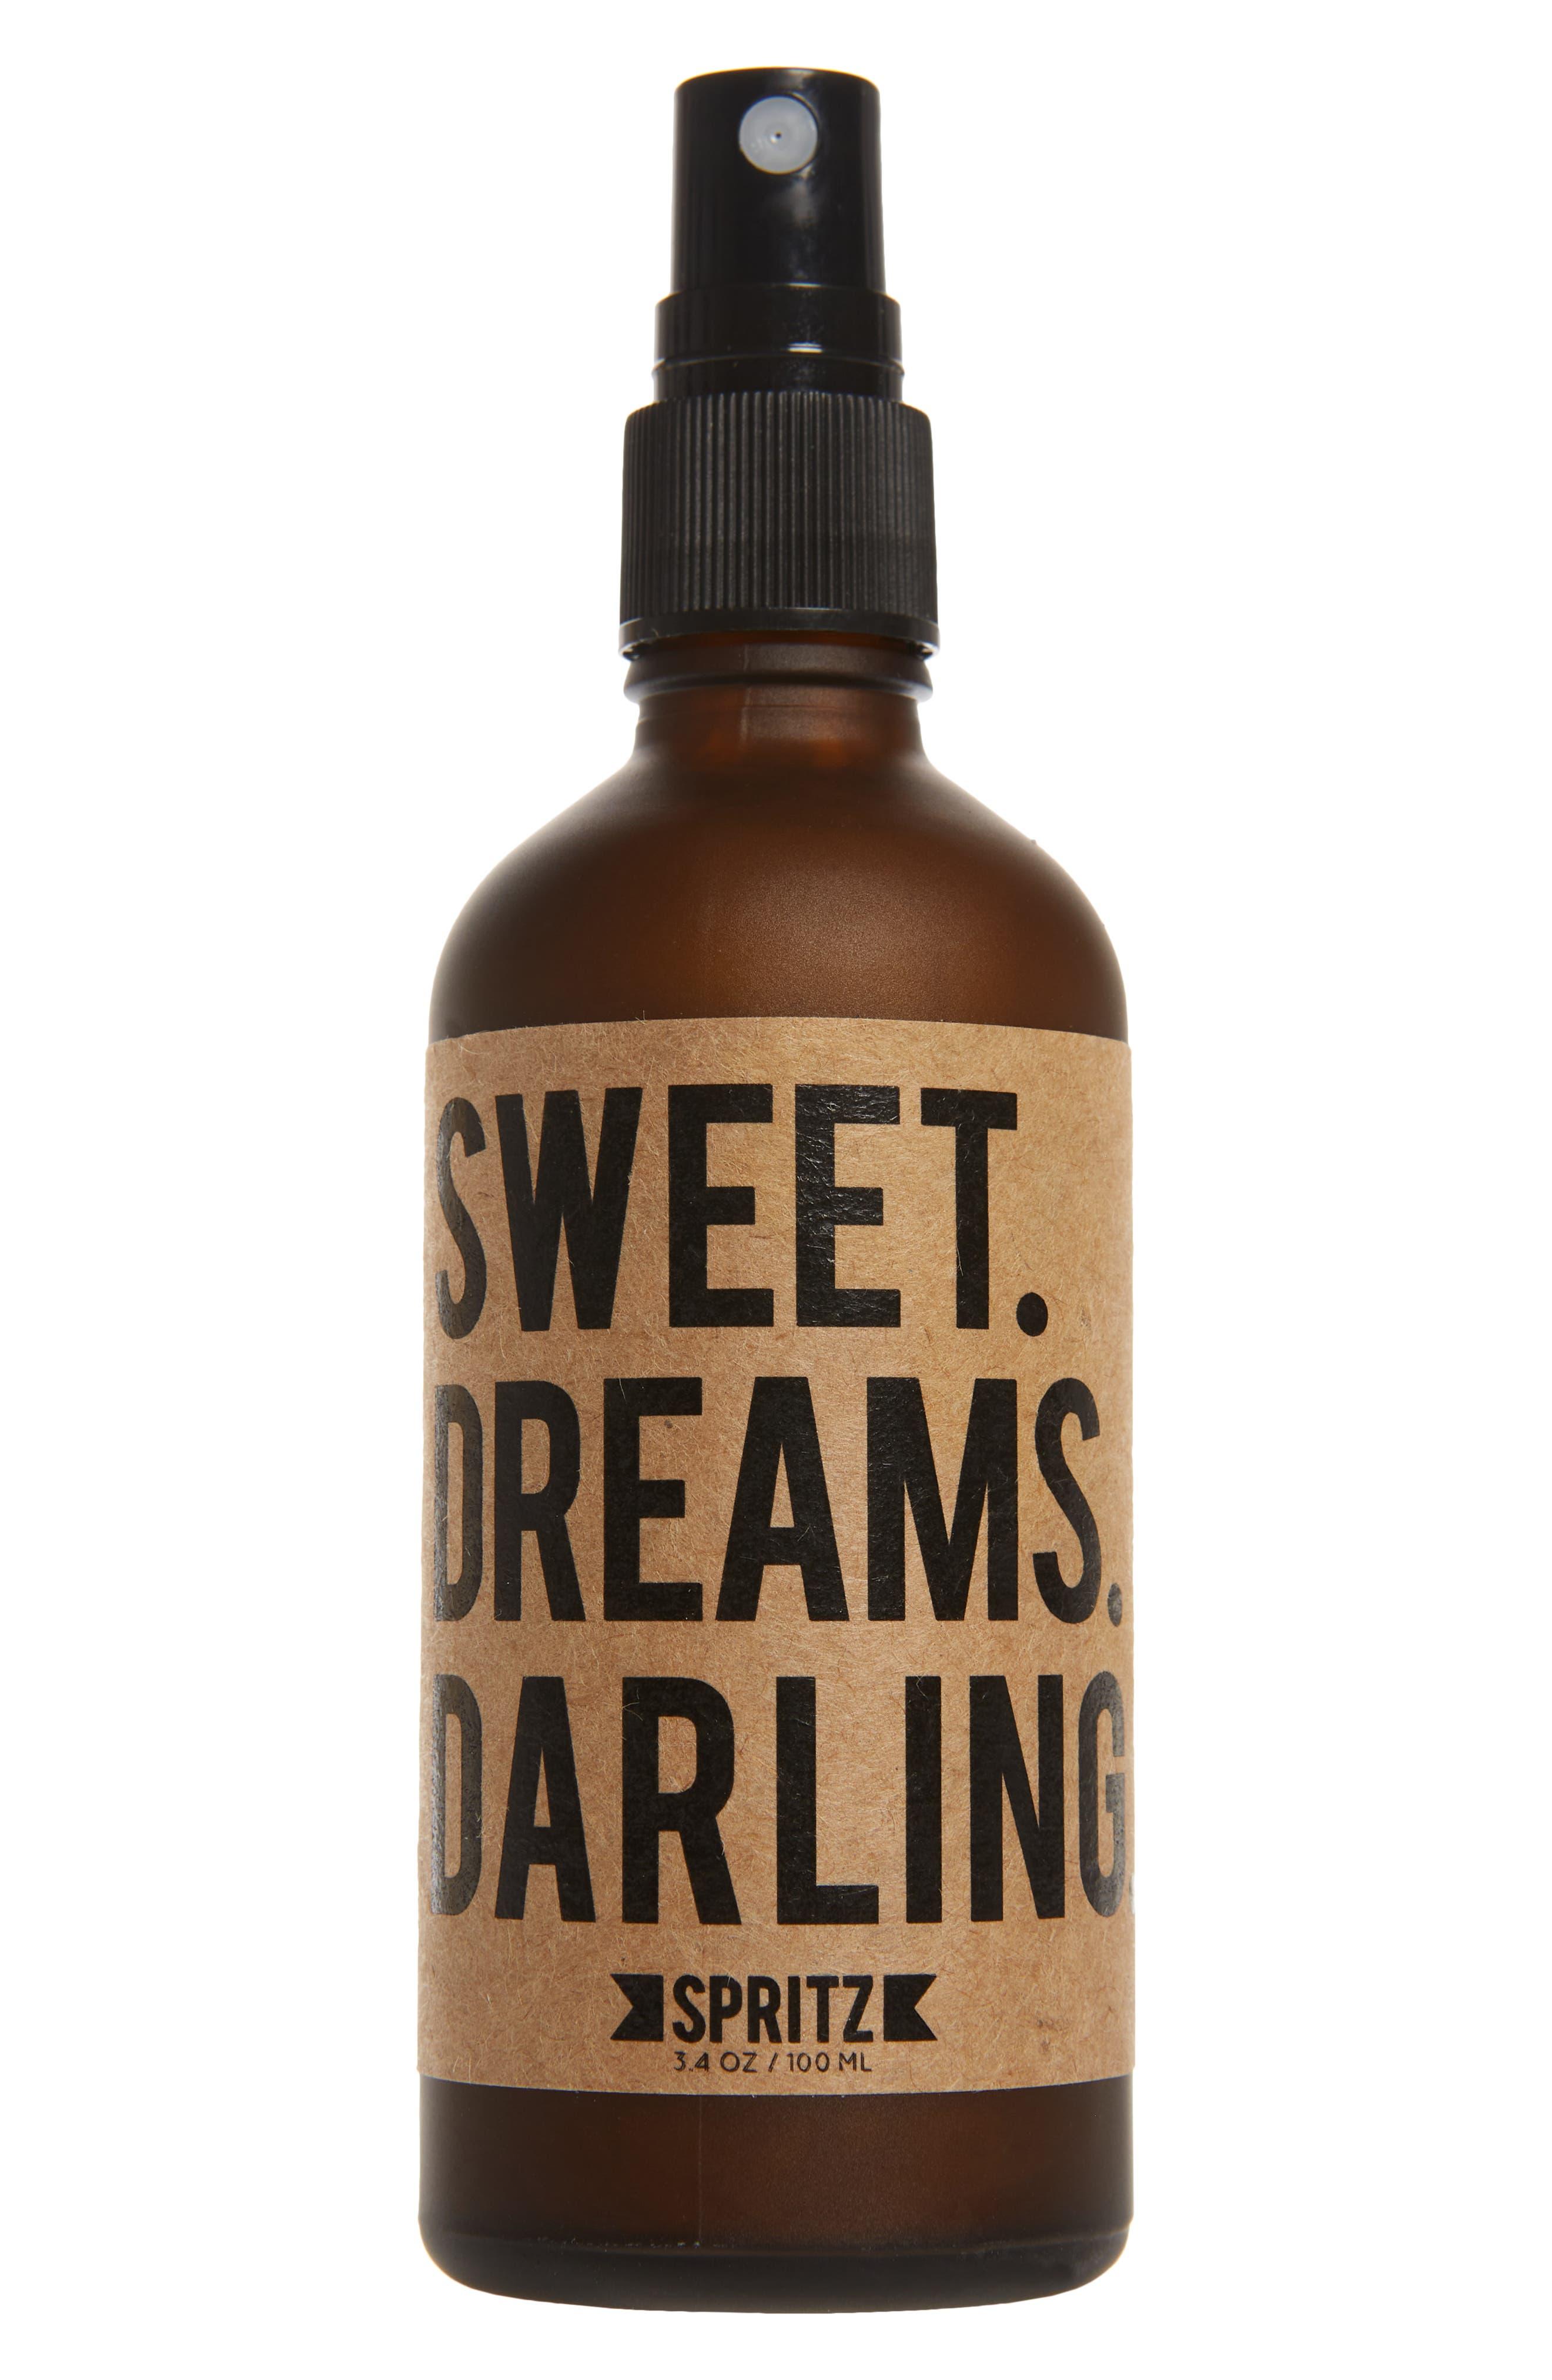 Sweet Dreams Darling Essential Oil Face Mist